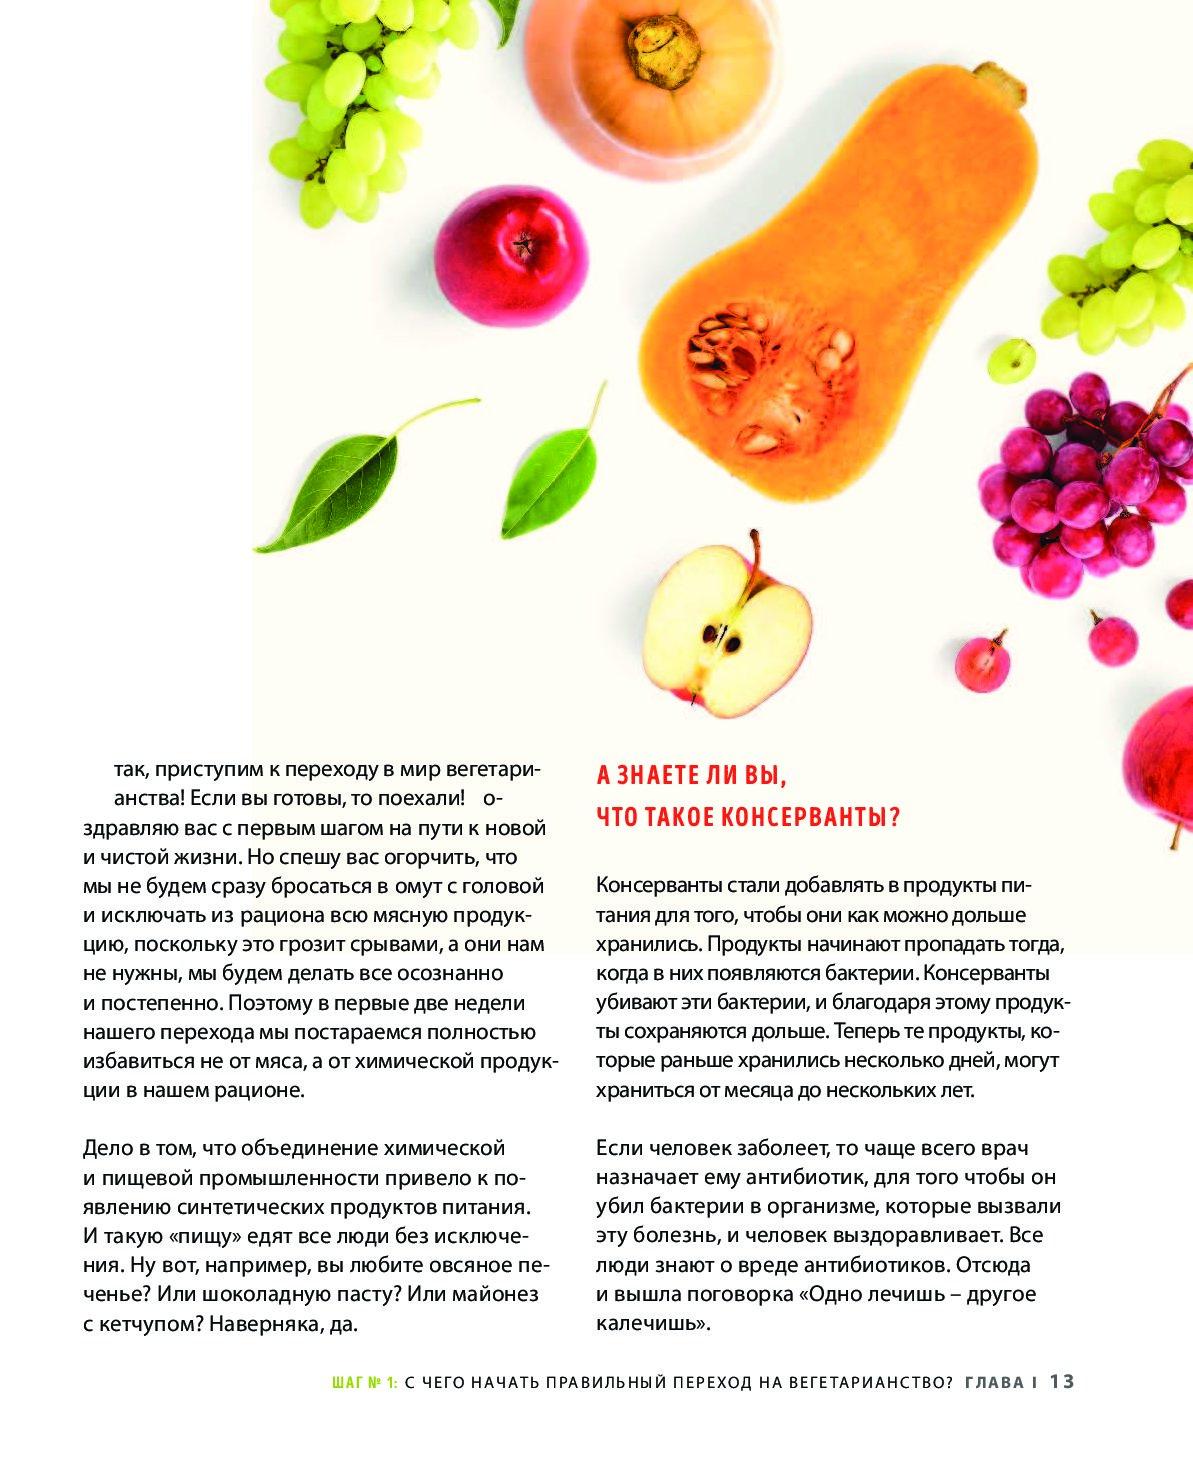 Какие изменения происходят в организме, спустя несколько лет после перехода на вегетарианство?